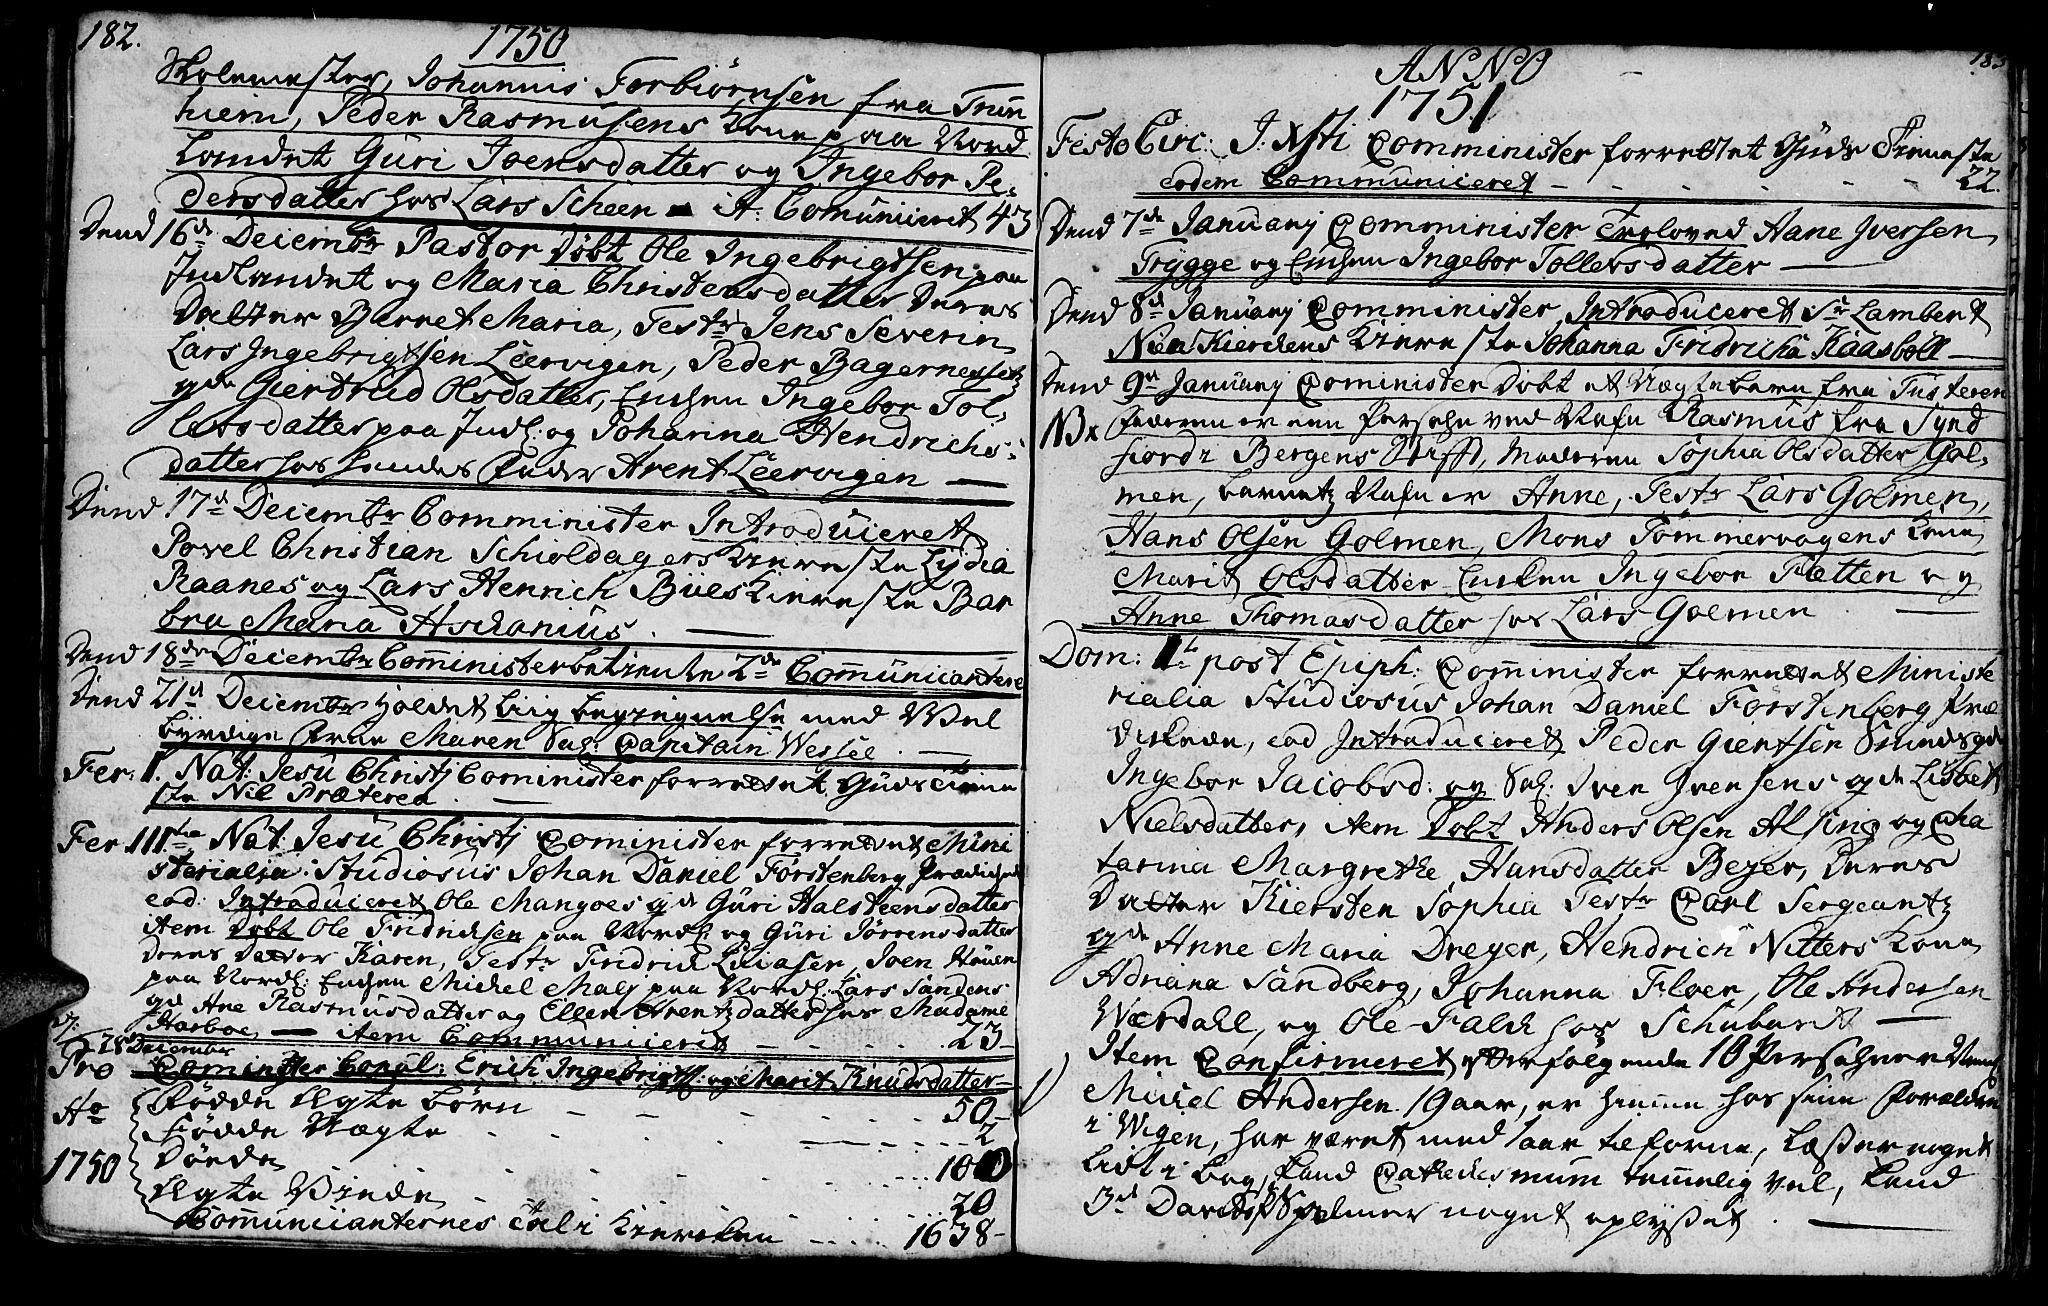 SAT, Ministerialprotokoller, klokkerbøker og fødselsregistre - Møre og Romsdal, 572/L0839: Parish register (official) no. 572A02, 1739-1754, p. 182-183